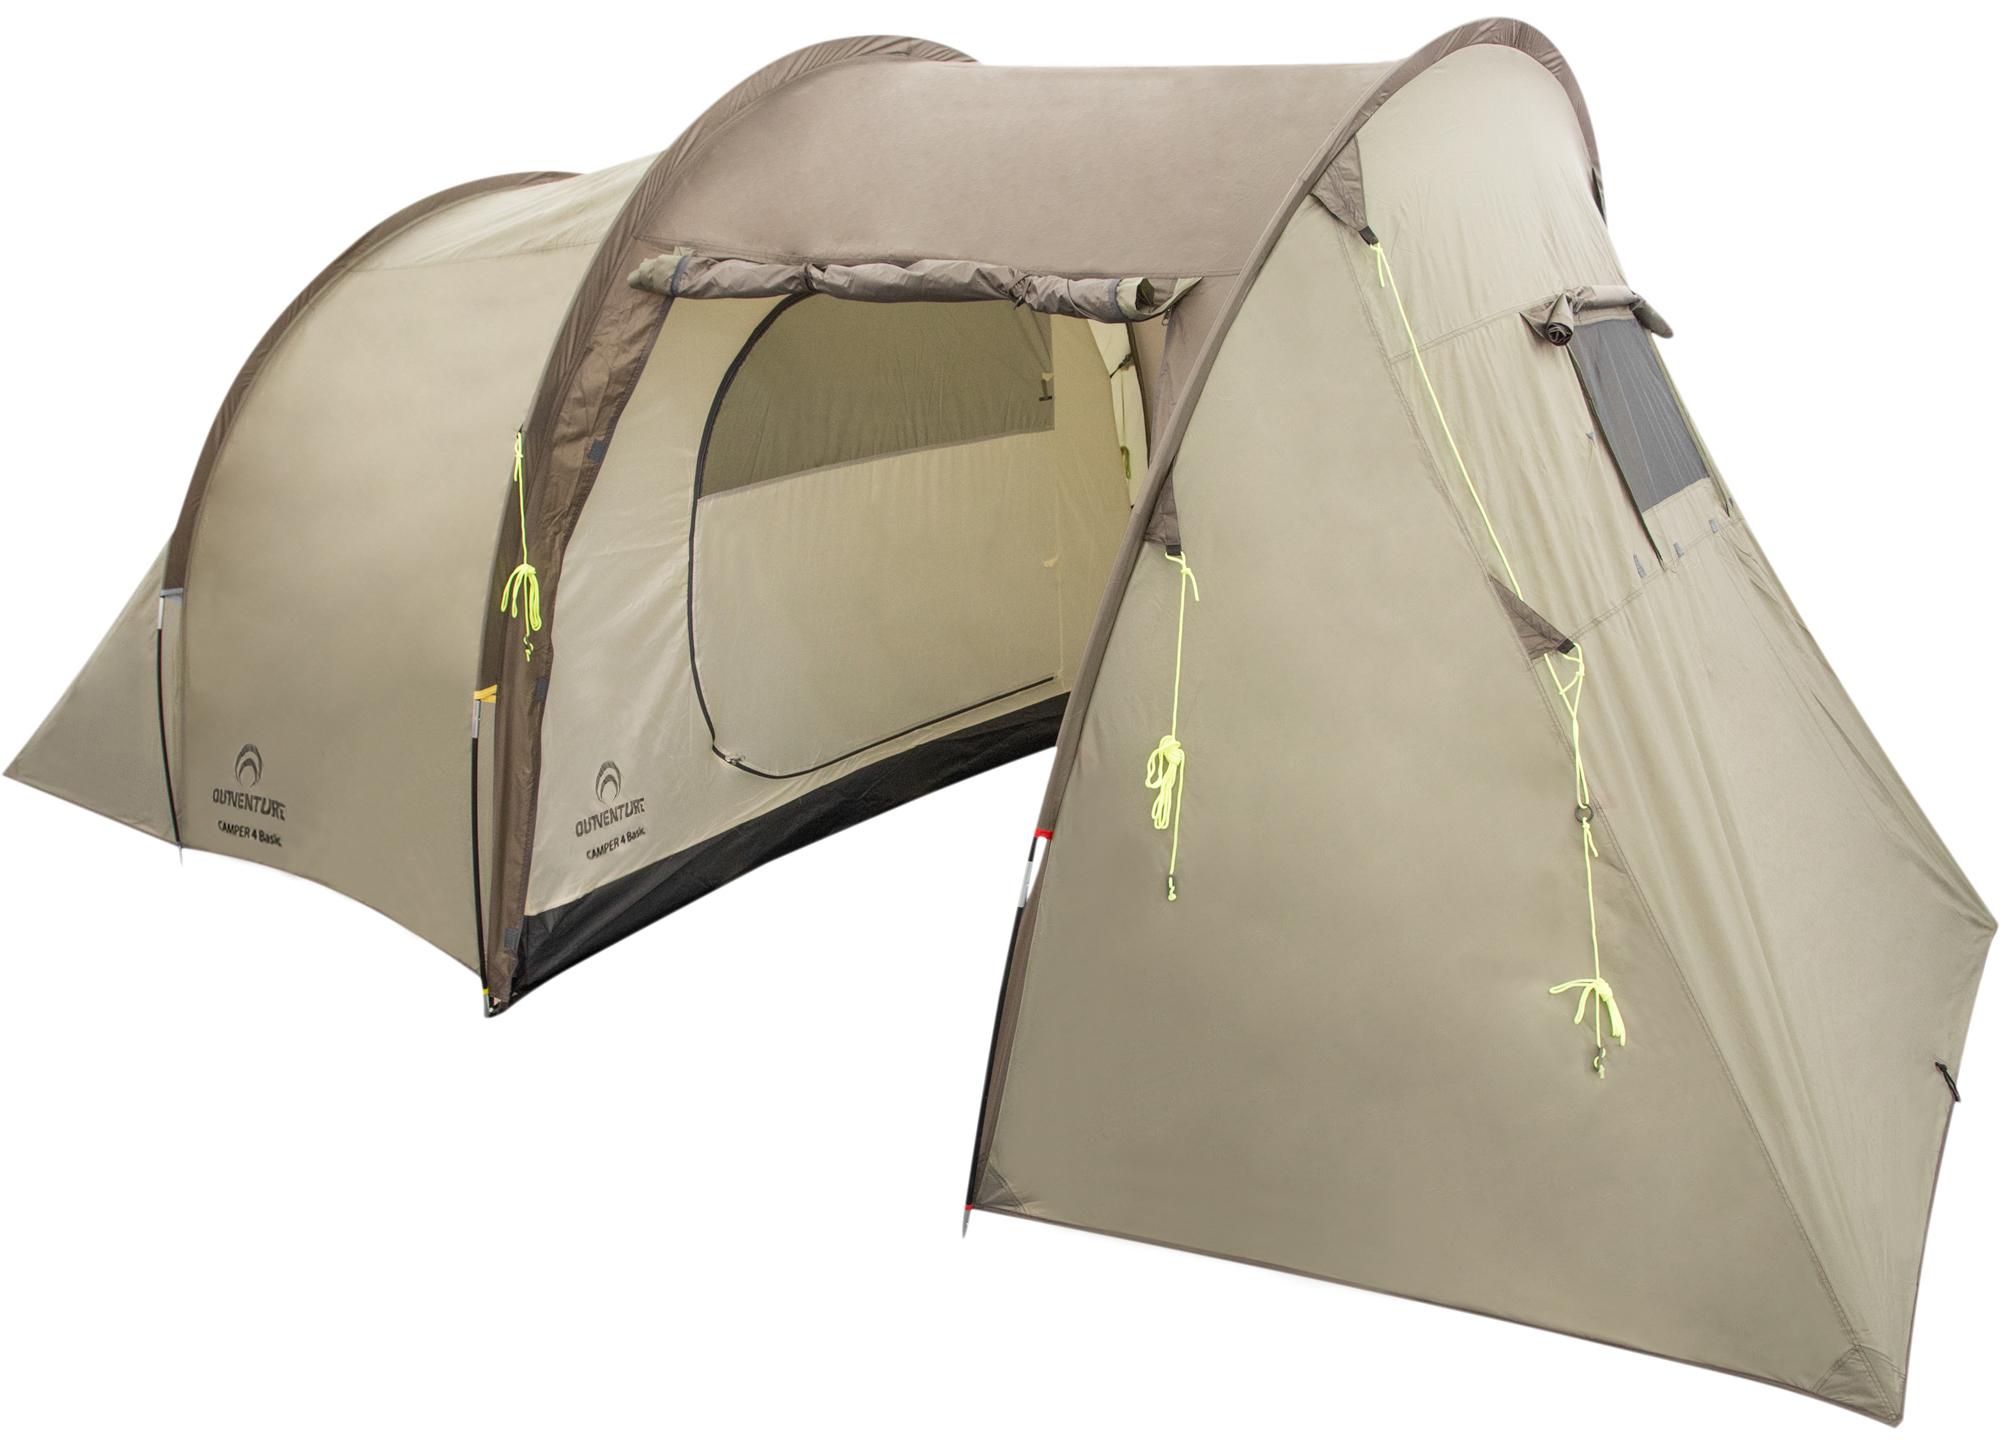 купить Outventure Outventure Camper 4 Basic по цене 7499 рублей